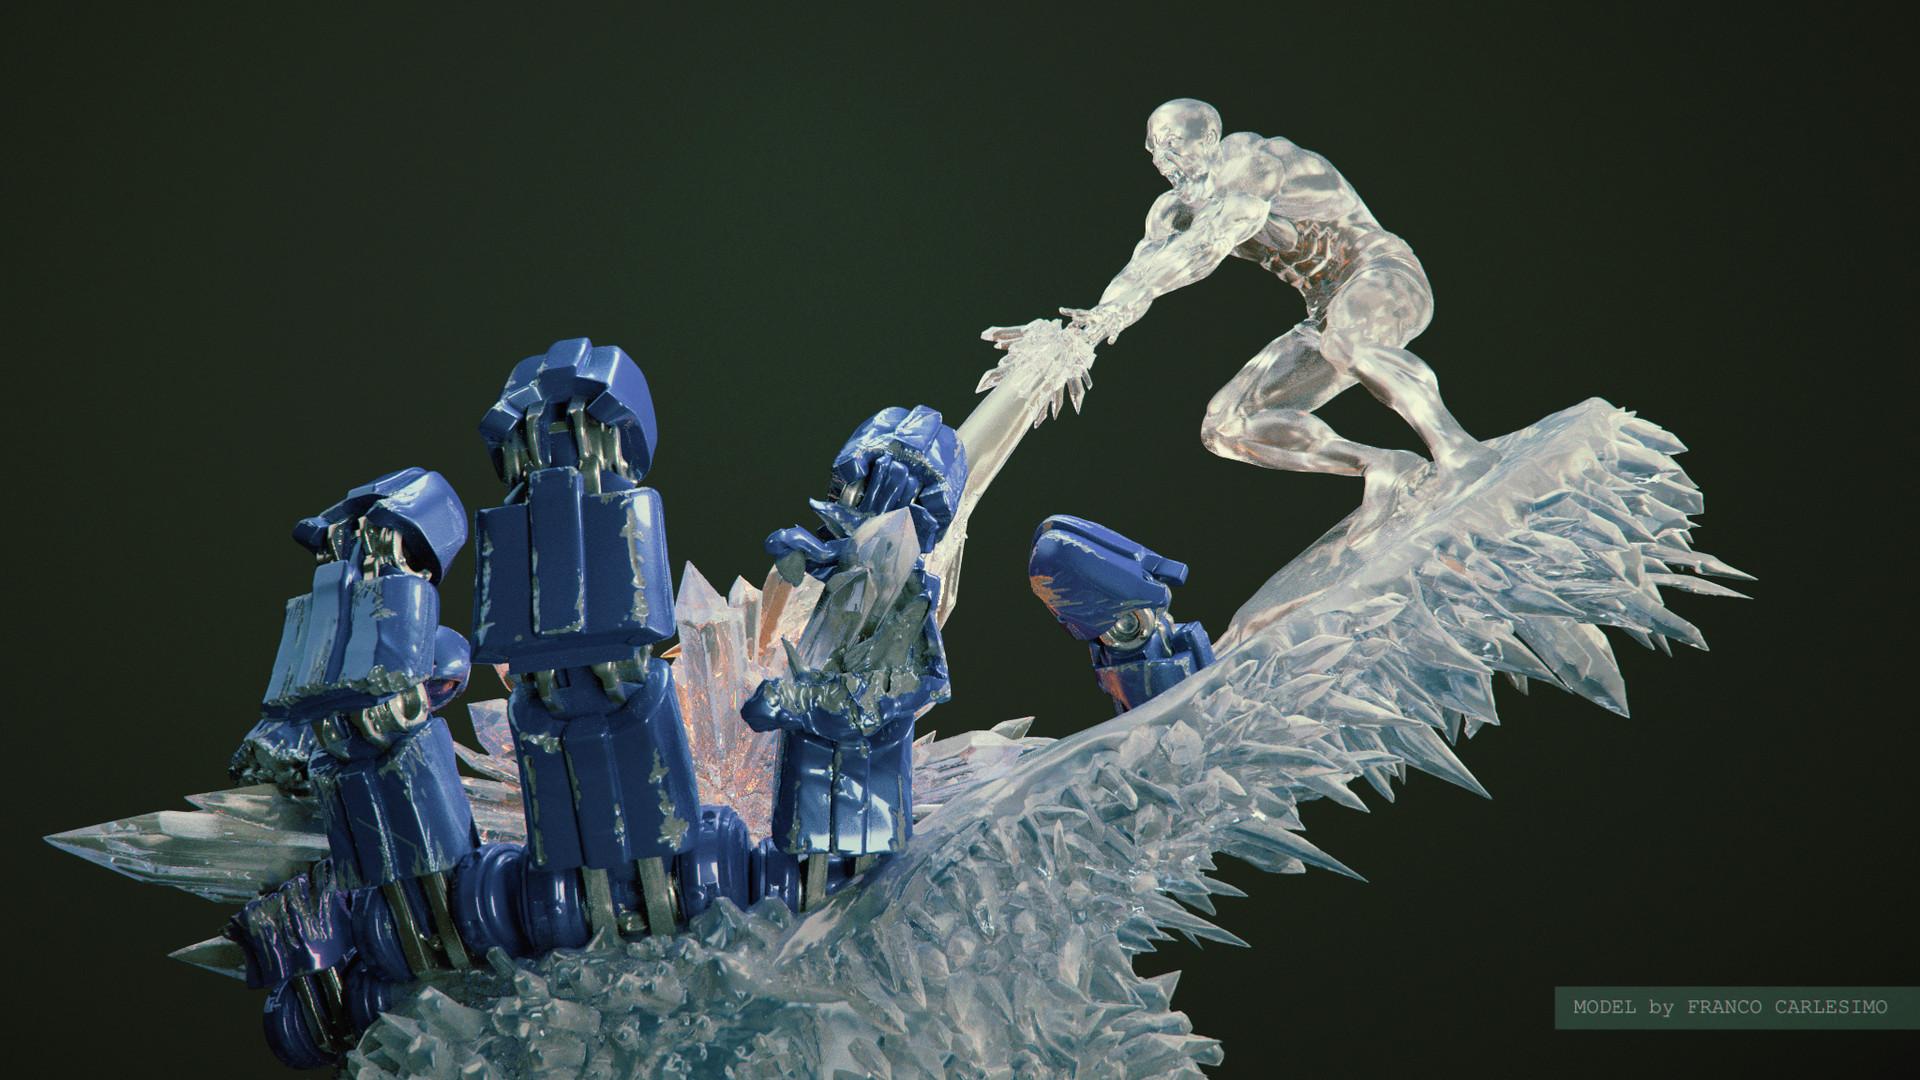 Franco carlesimo iceman comp 00002